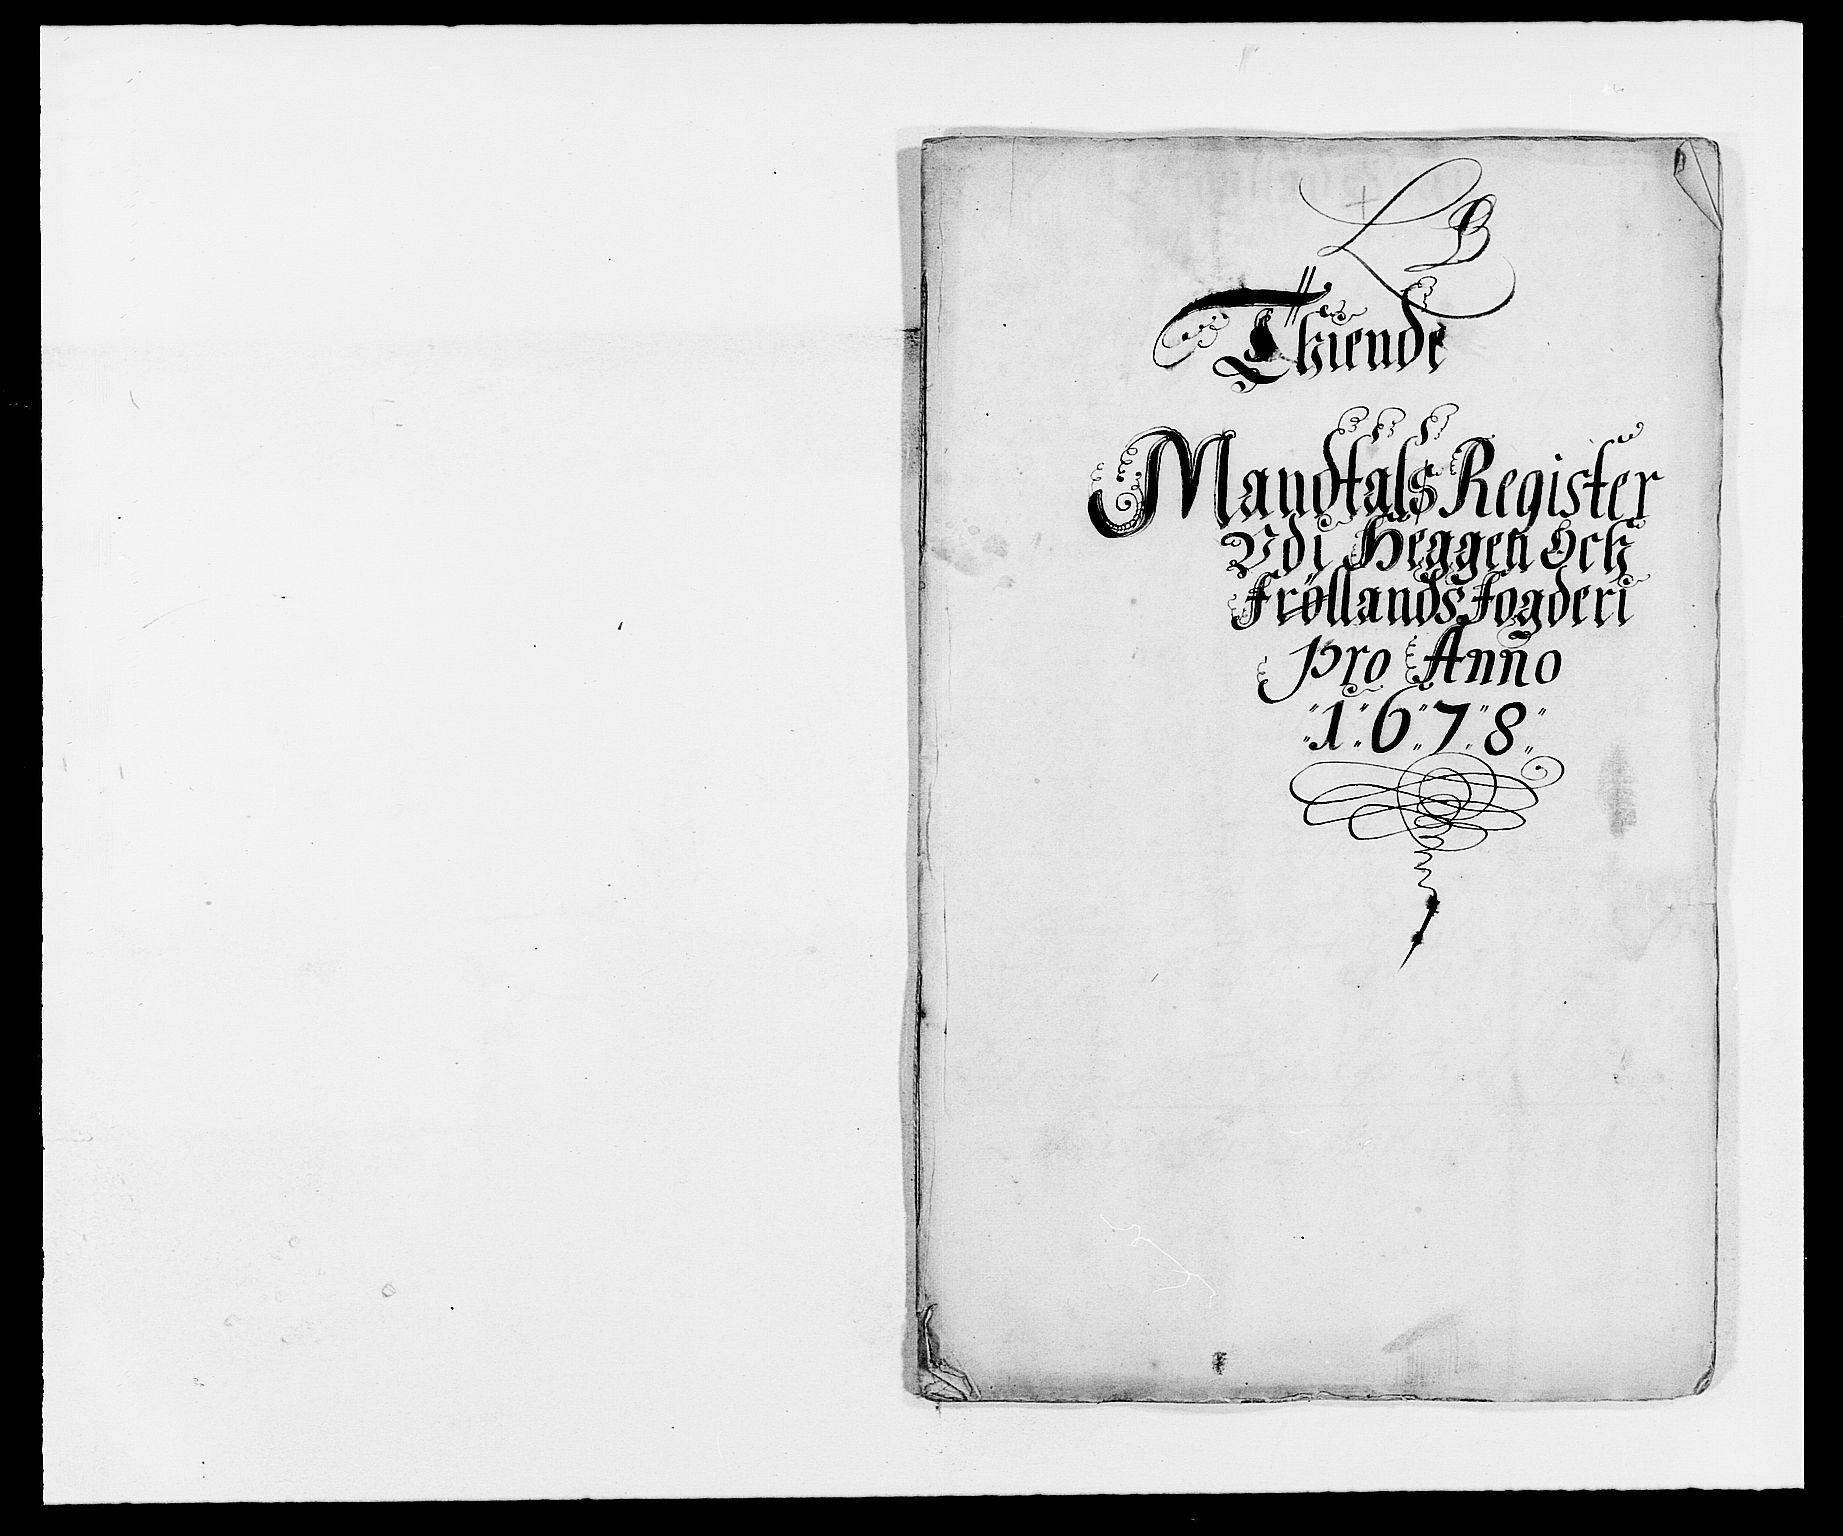 RA, Rentekammeret inntil 1814, Reviderte regnskaper, Fogderegnskap, R06/L0279: Fogderegnskap Heggen og Frøland, 1678-1680, s. 61